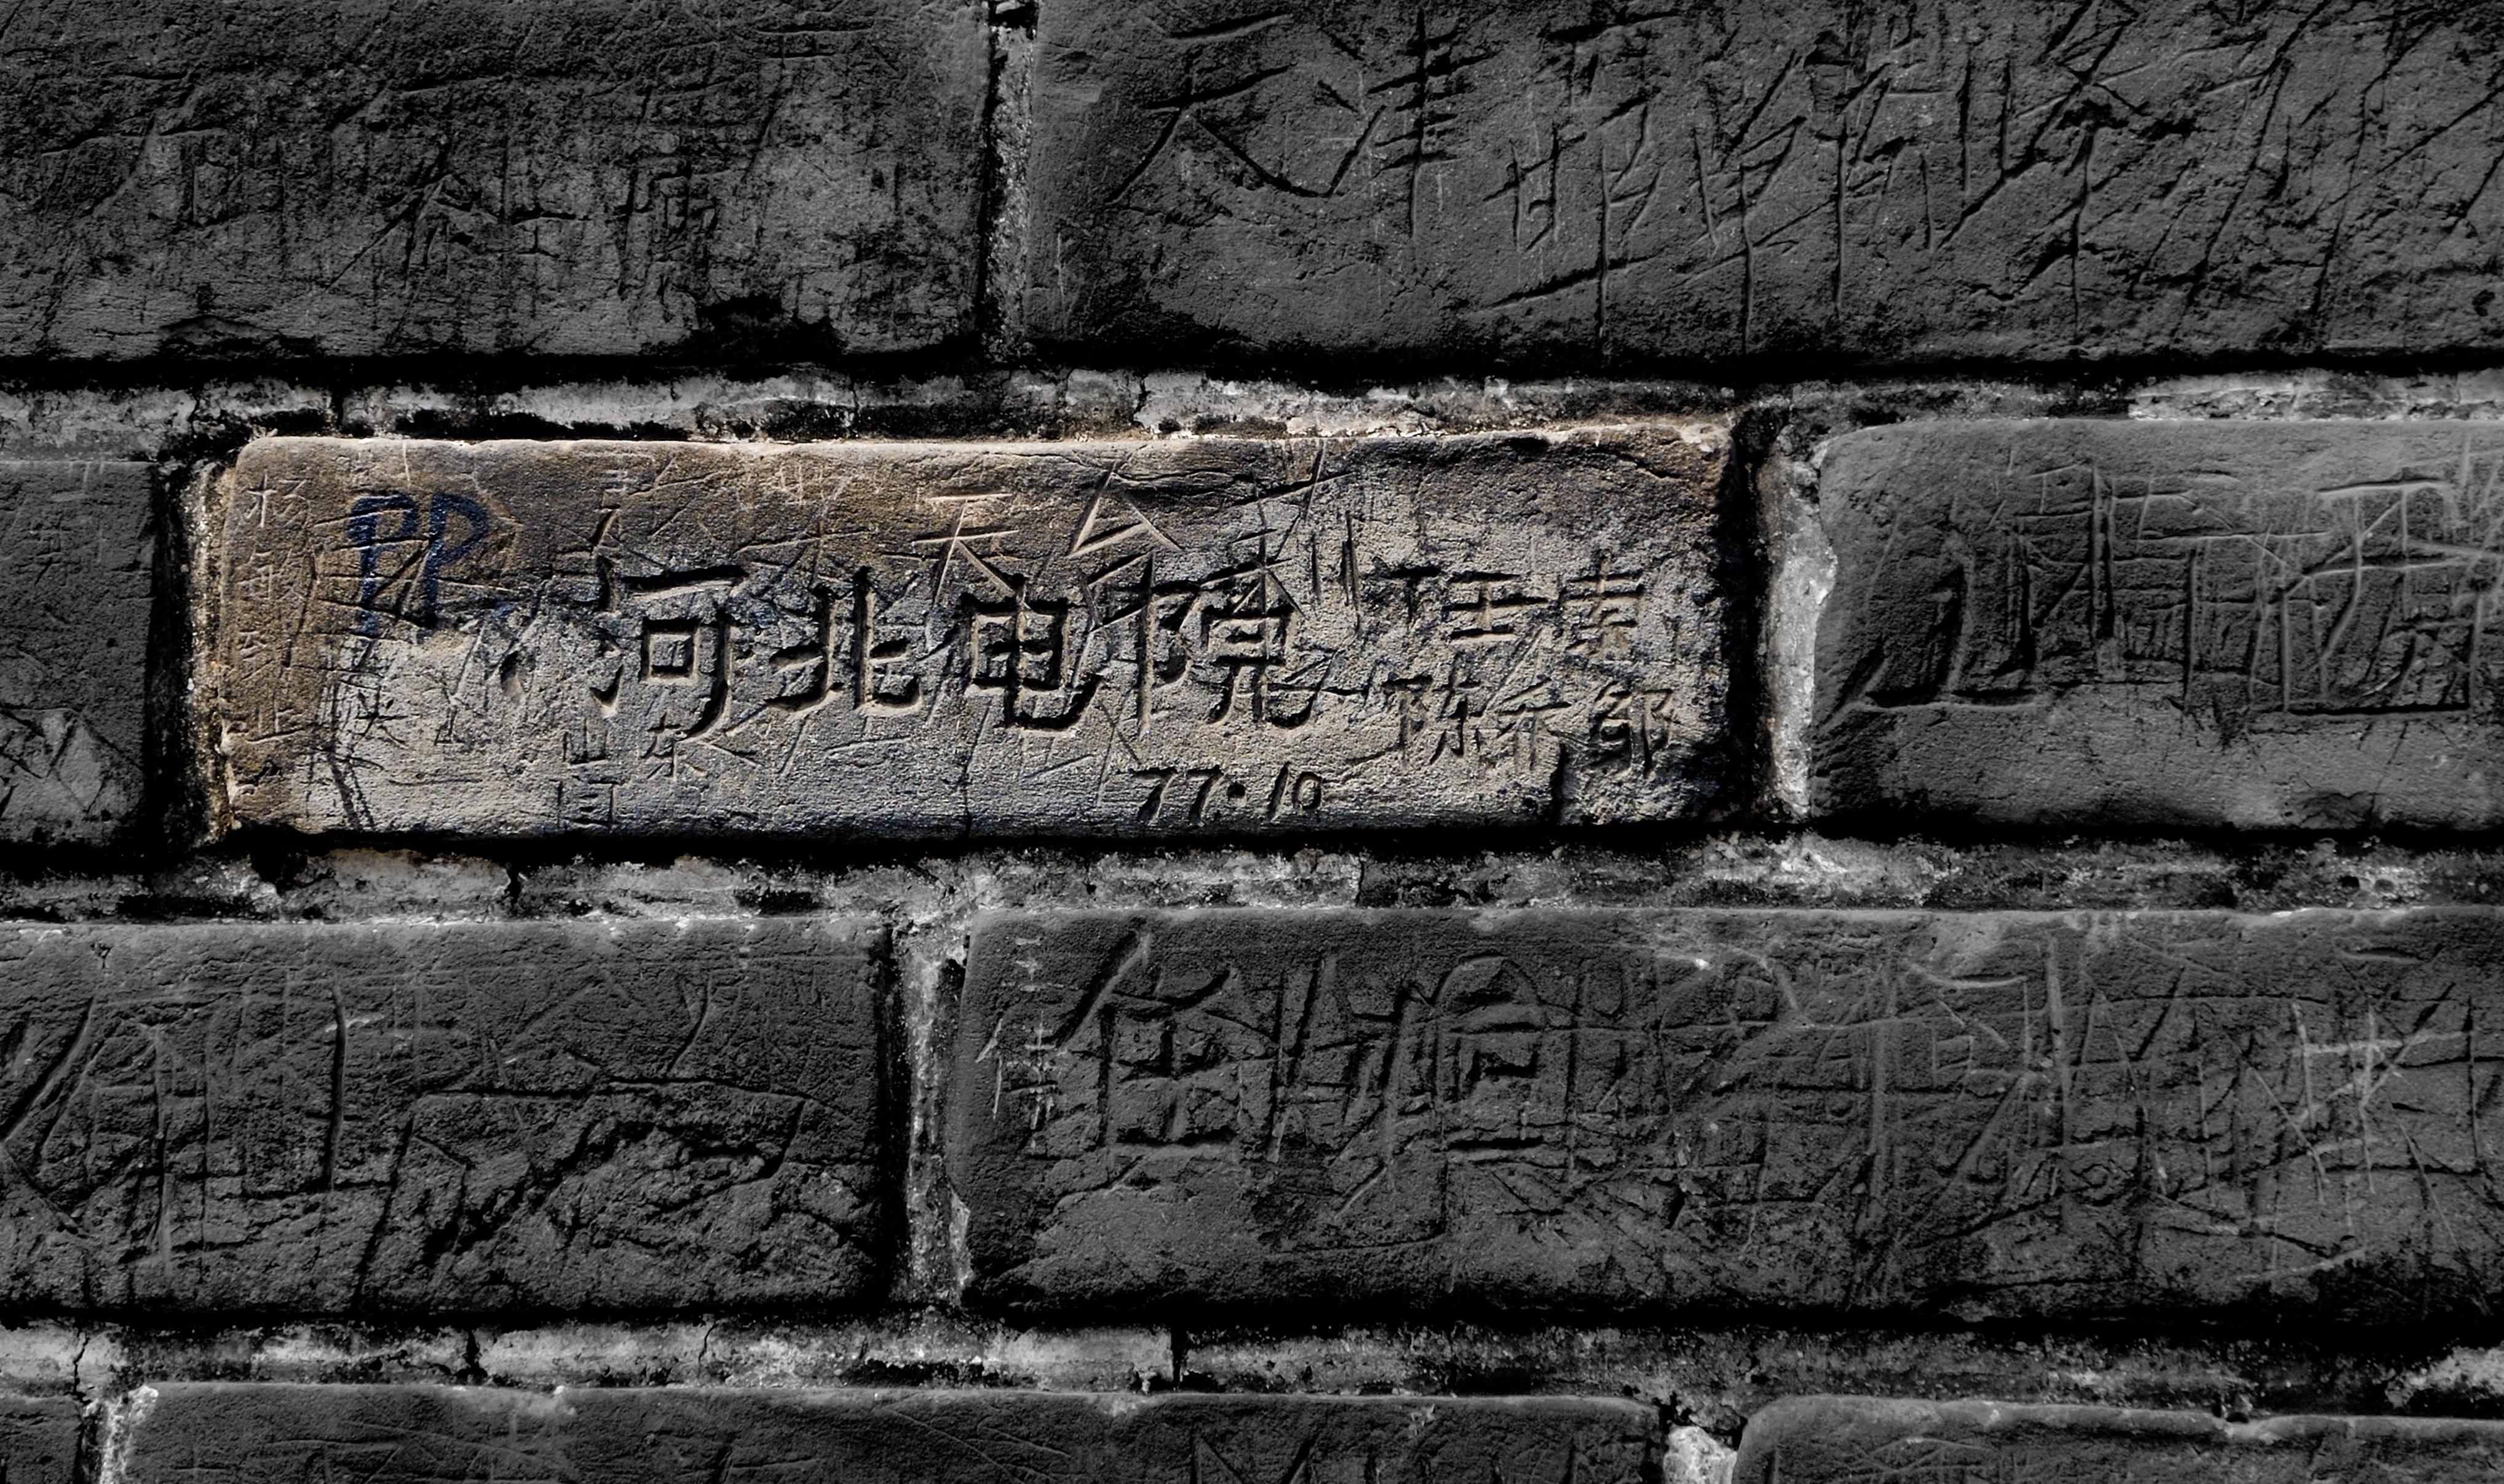 图片素材 岩 黑与白 质地 壁 石墙 砖 长城 寺庙 废墟 皮埃尔